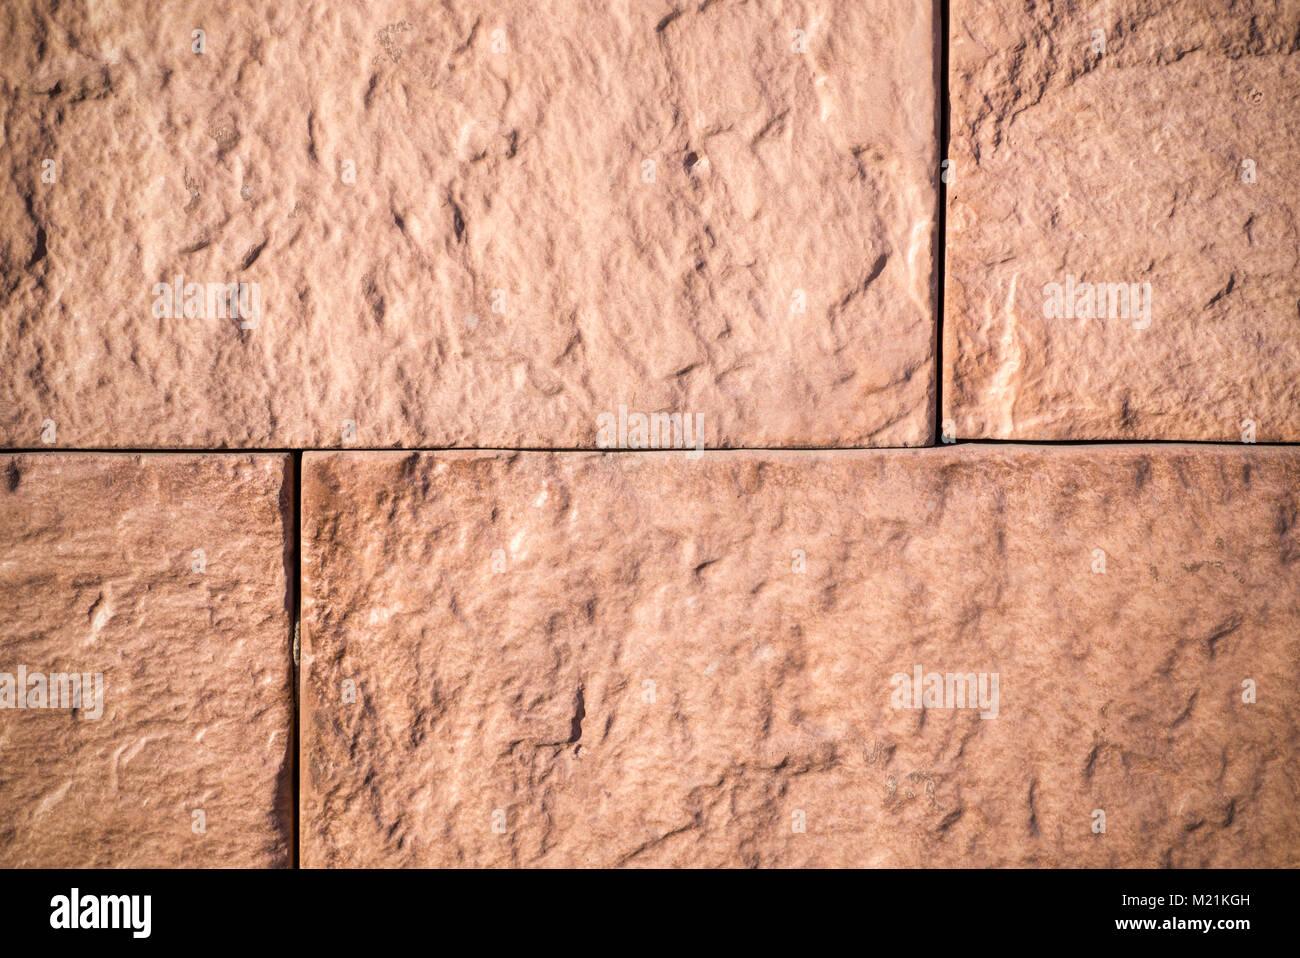 orange sandstone tiled wall. vignette, texture, background. - Stock Image